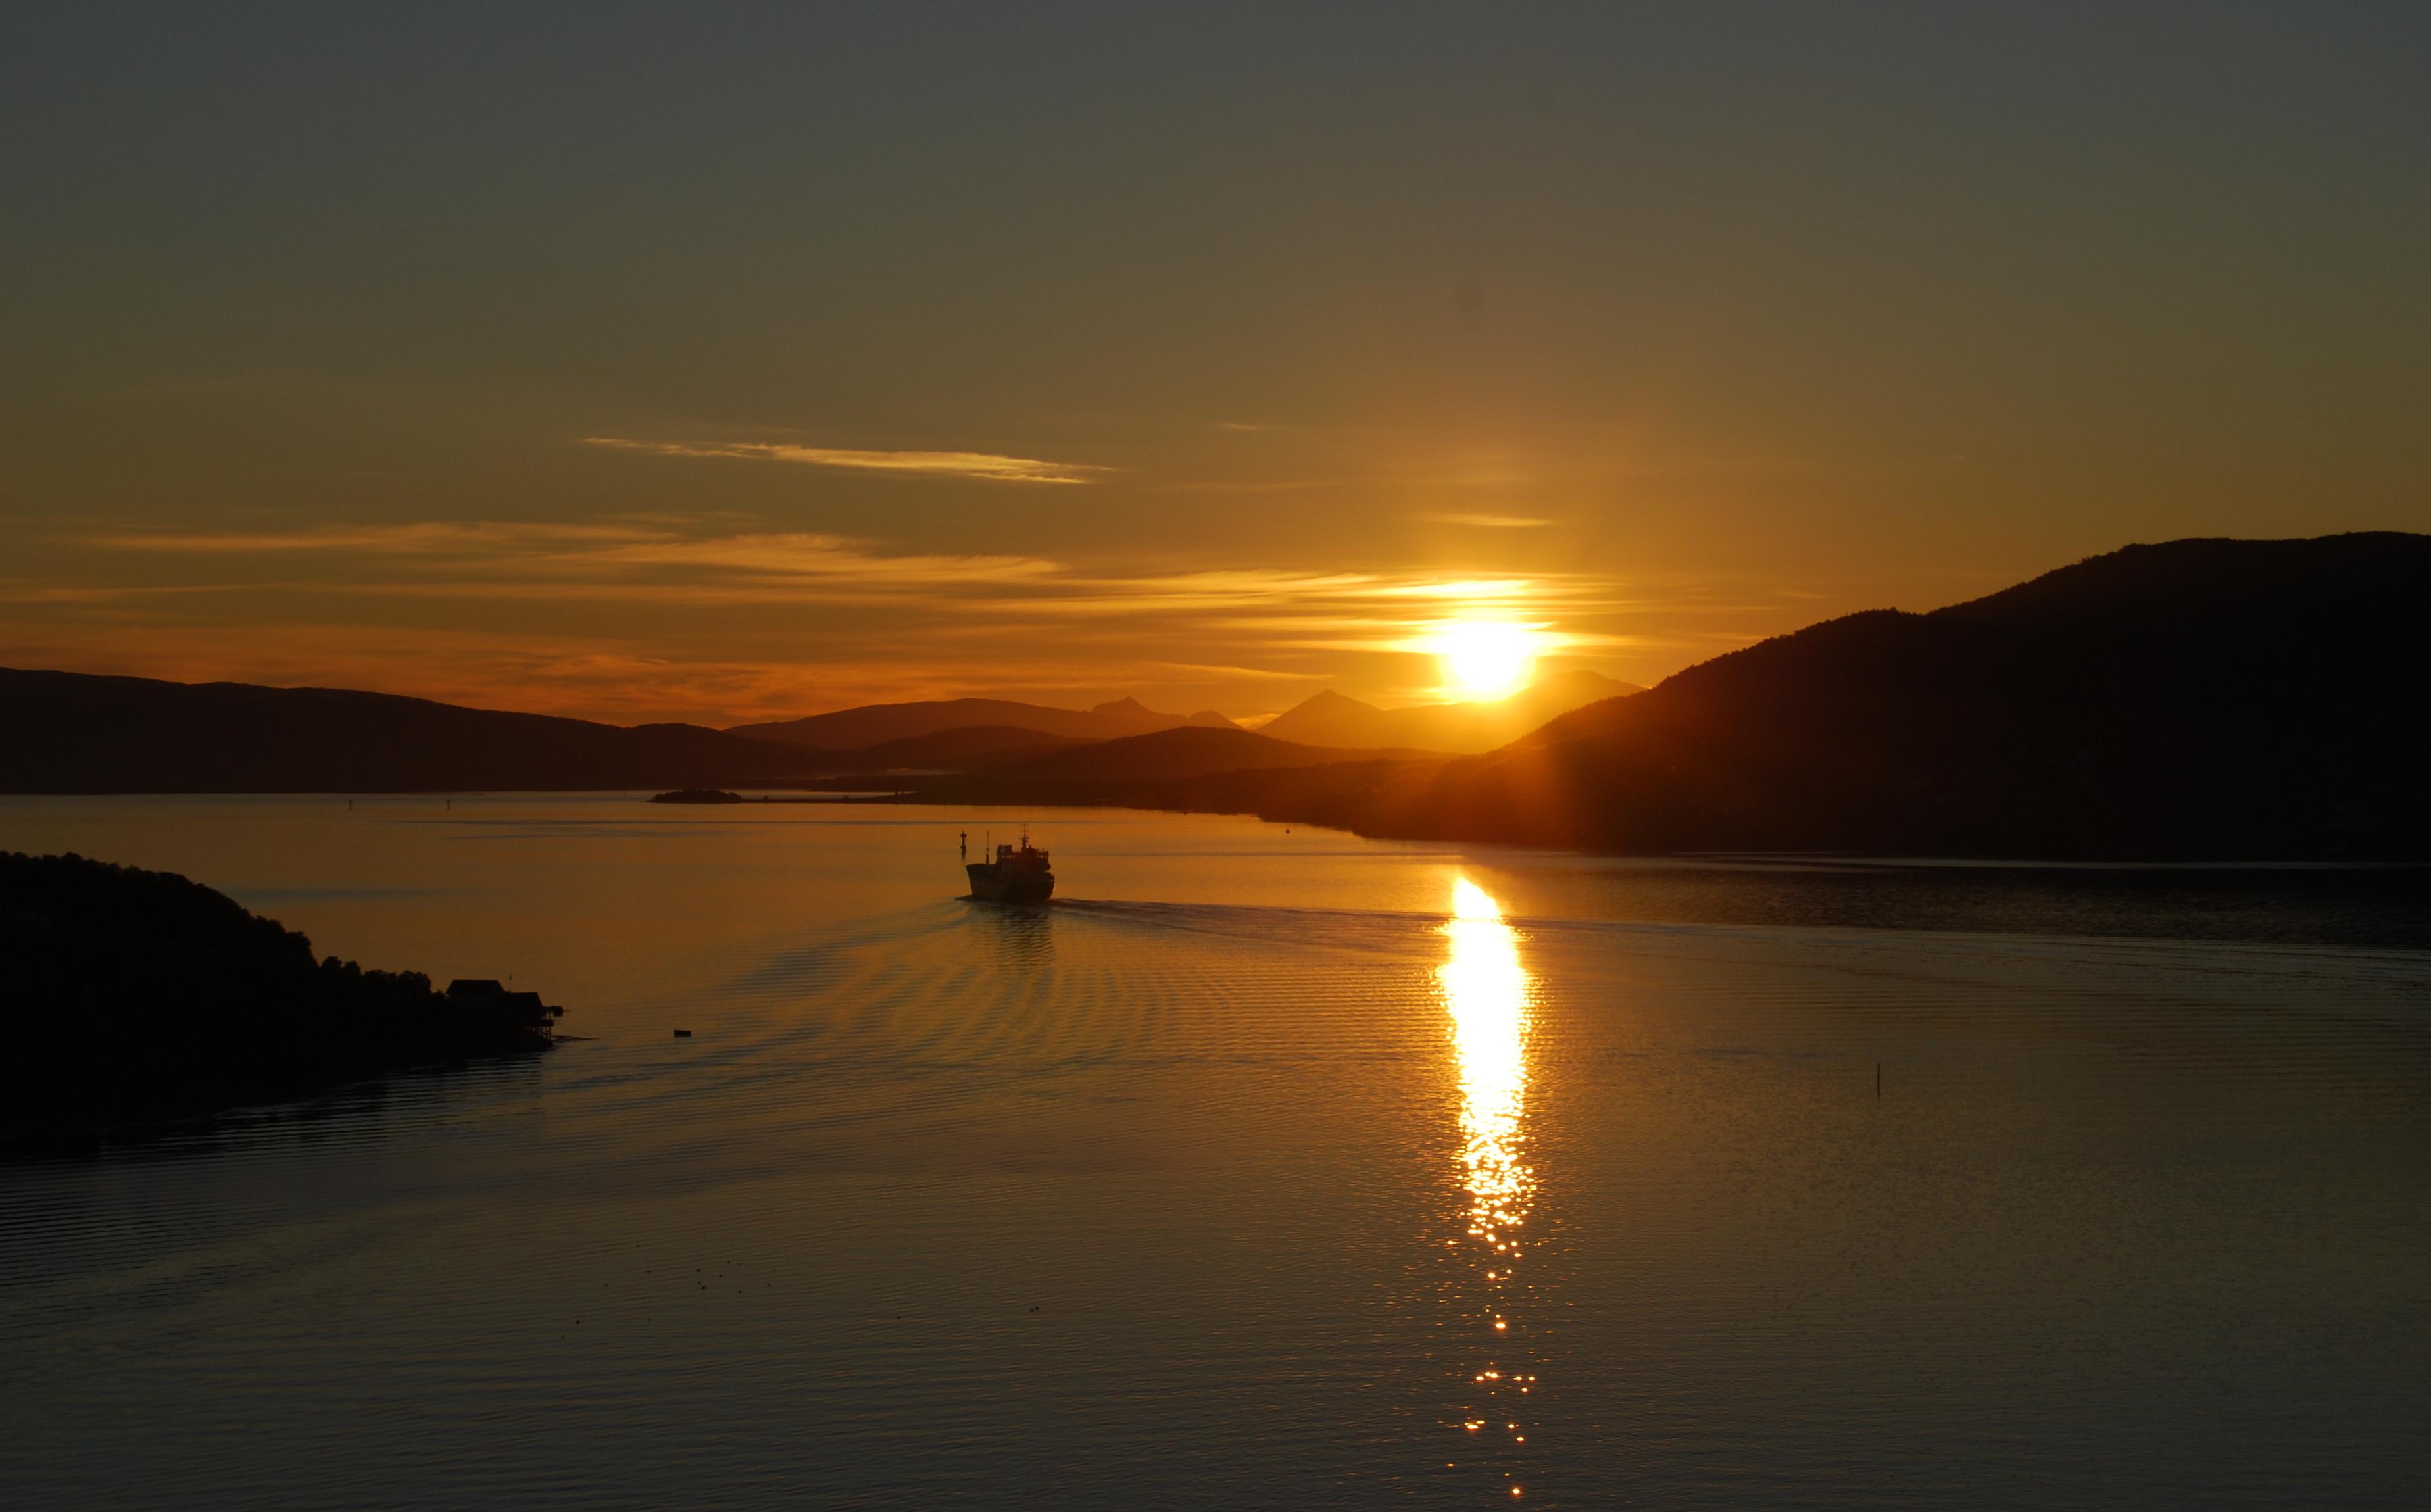 filemidnight sun in finnsnesjpg wikimedia commons